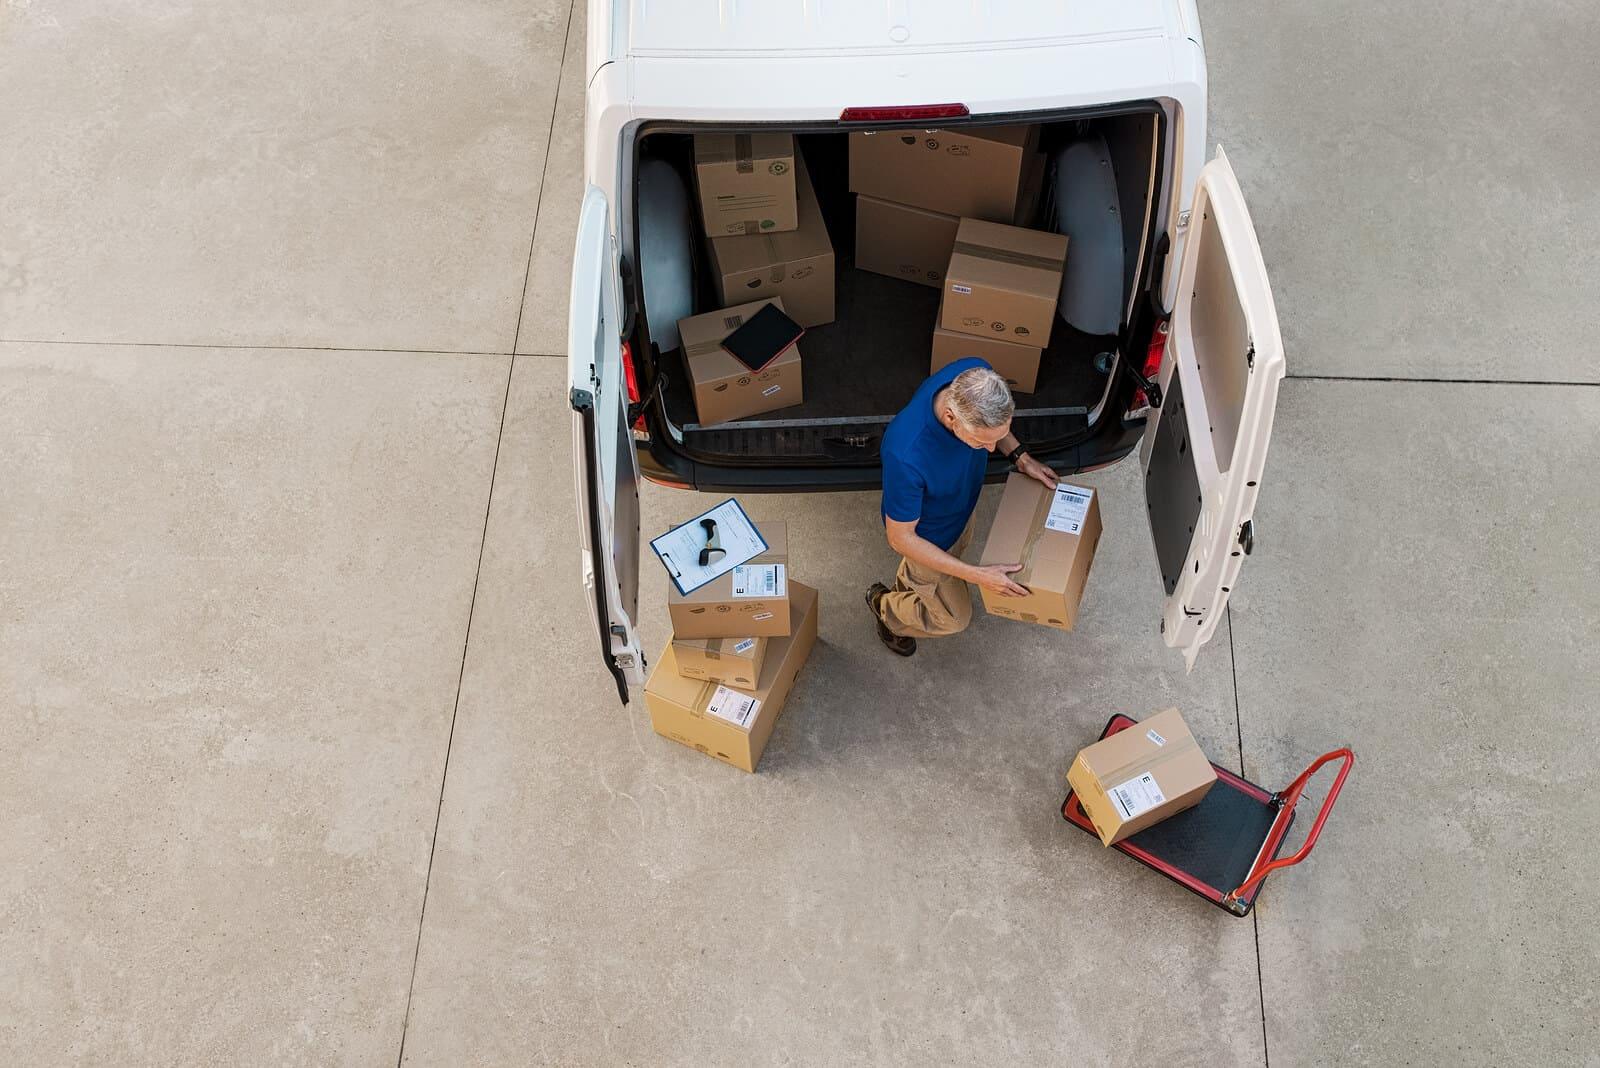 Courier van being unloaded